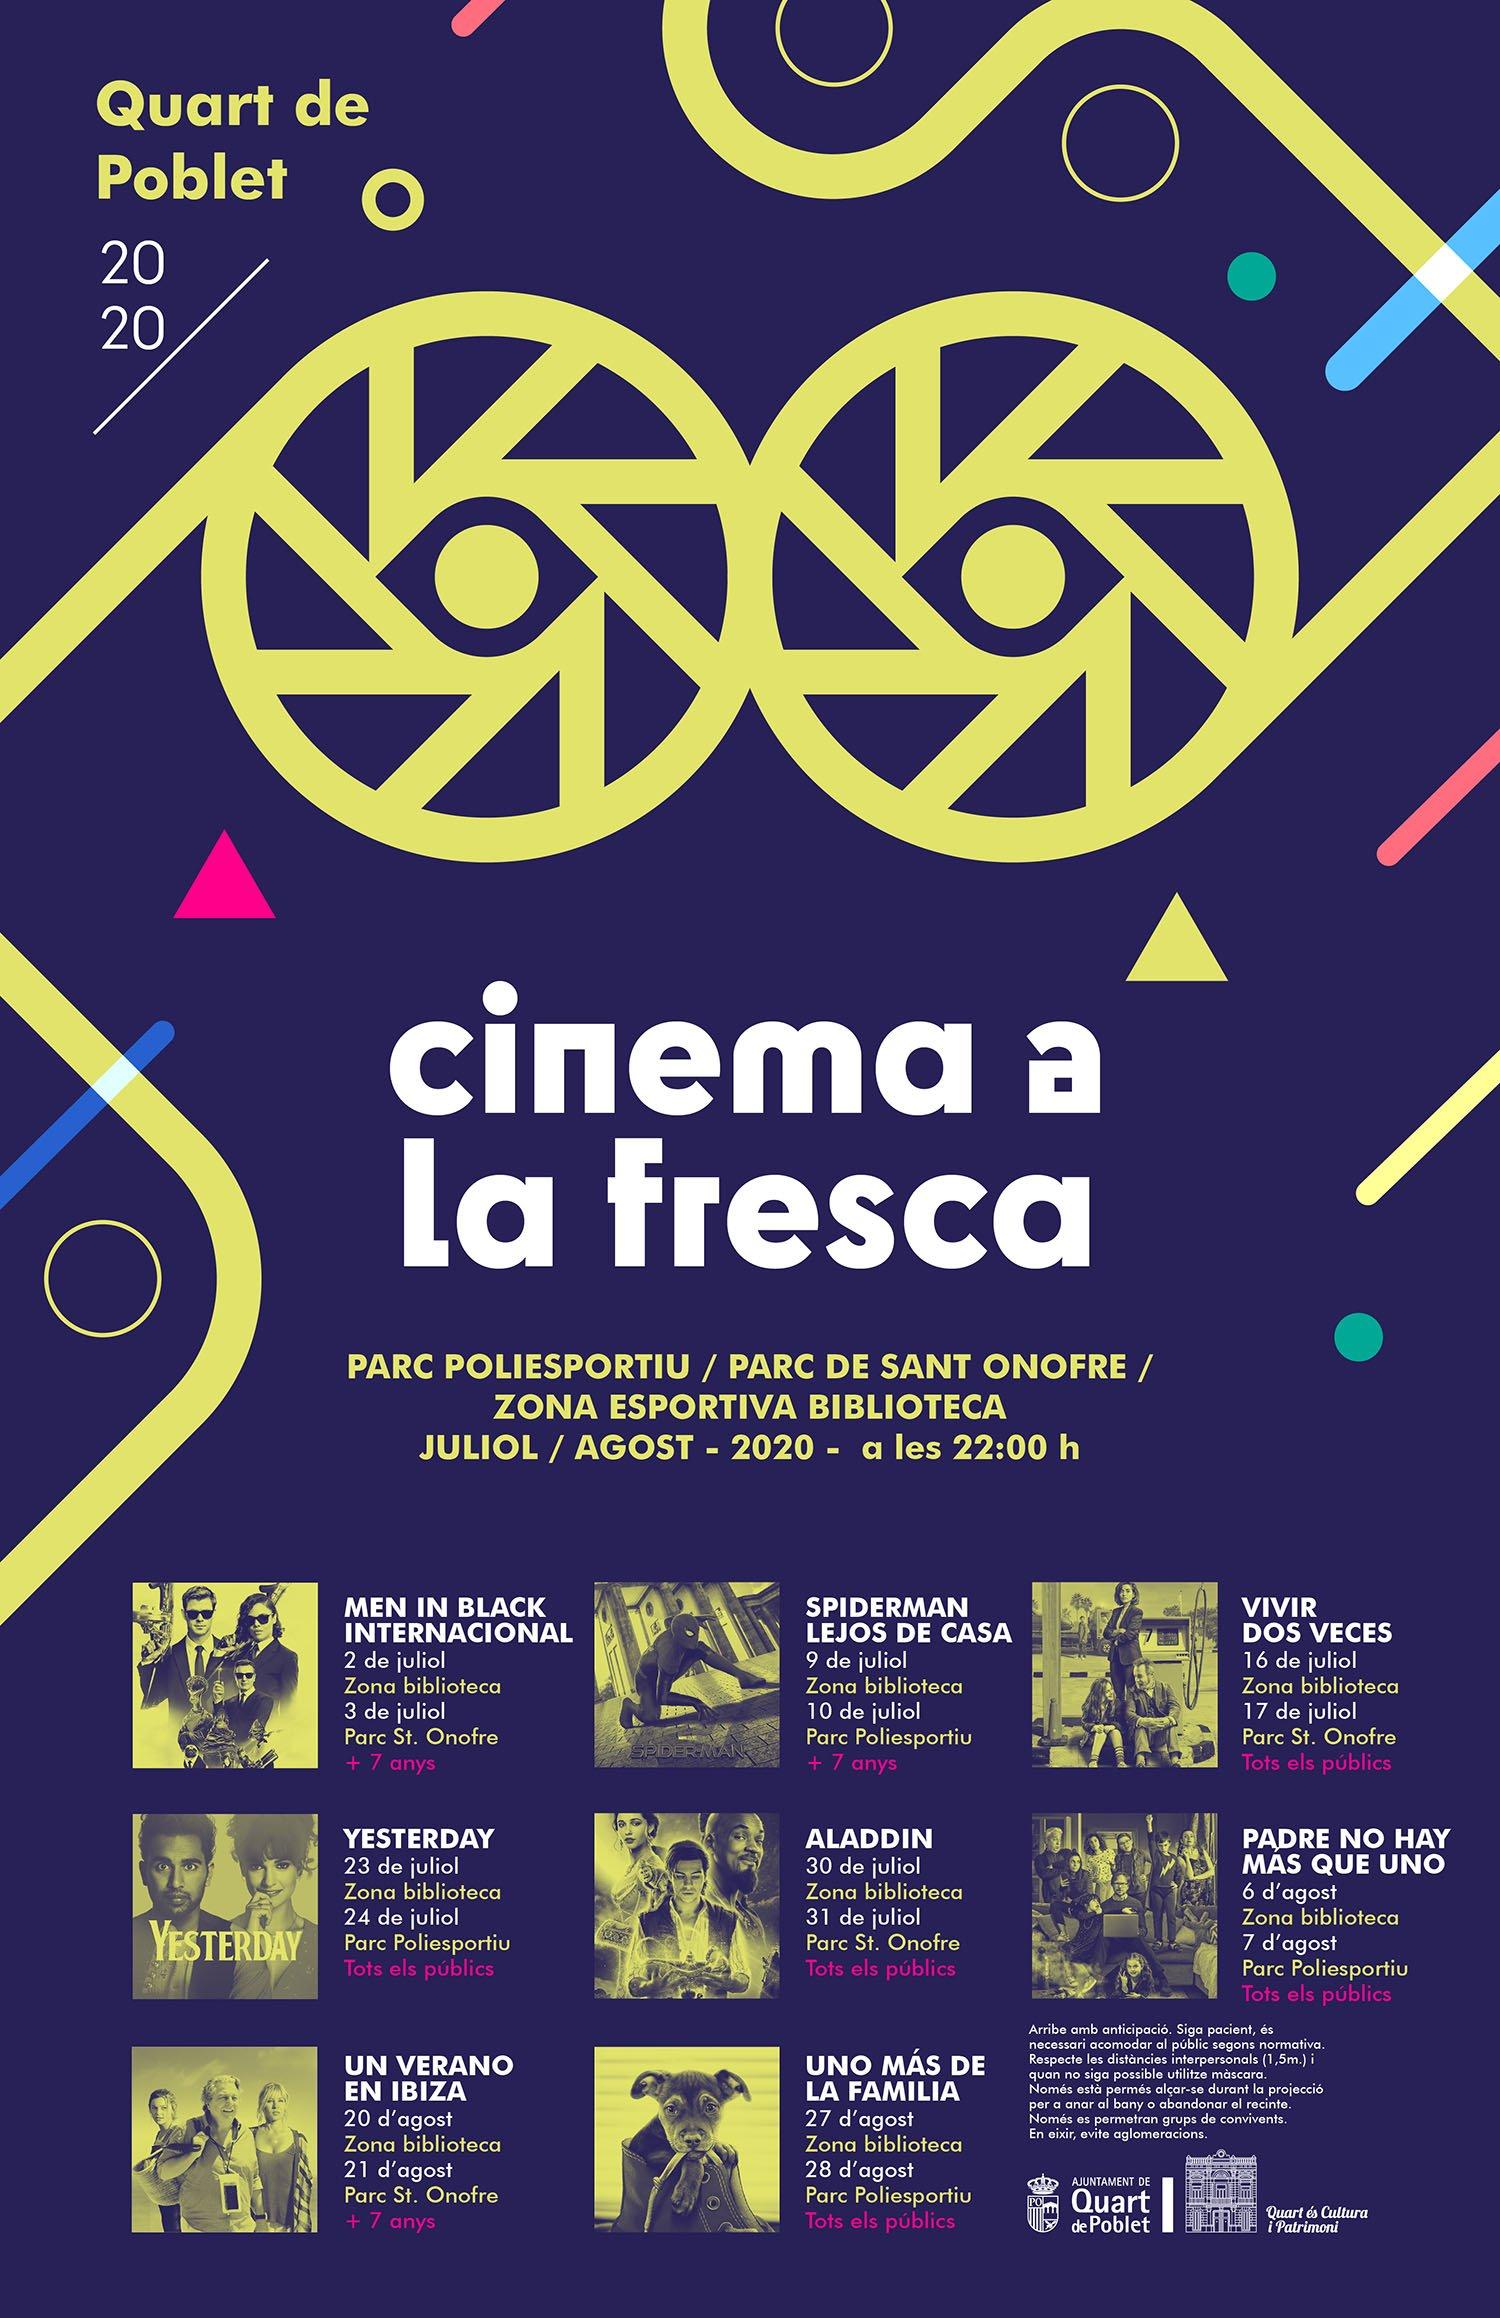 Cine Fresca 2020 Quart Poblet